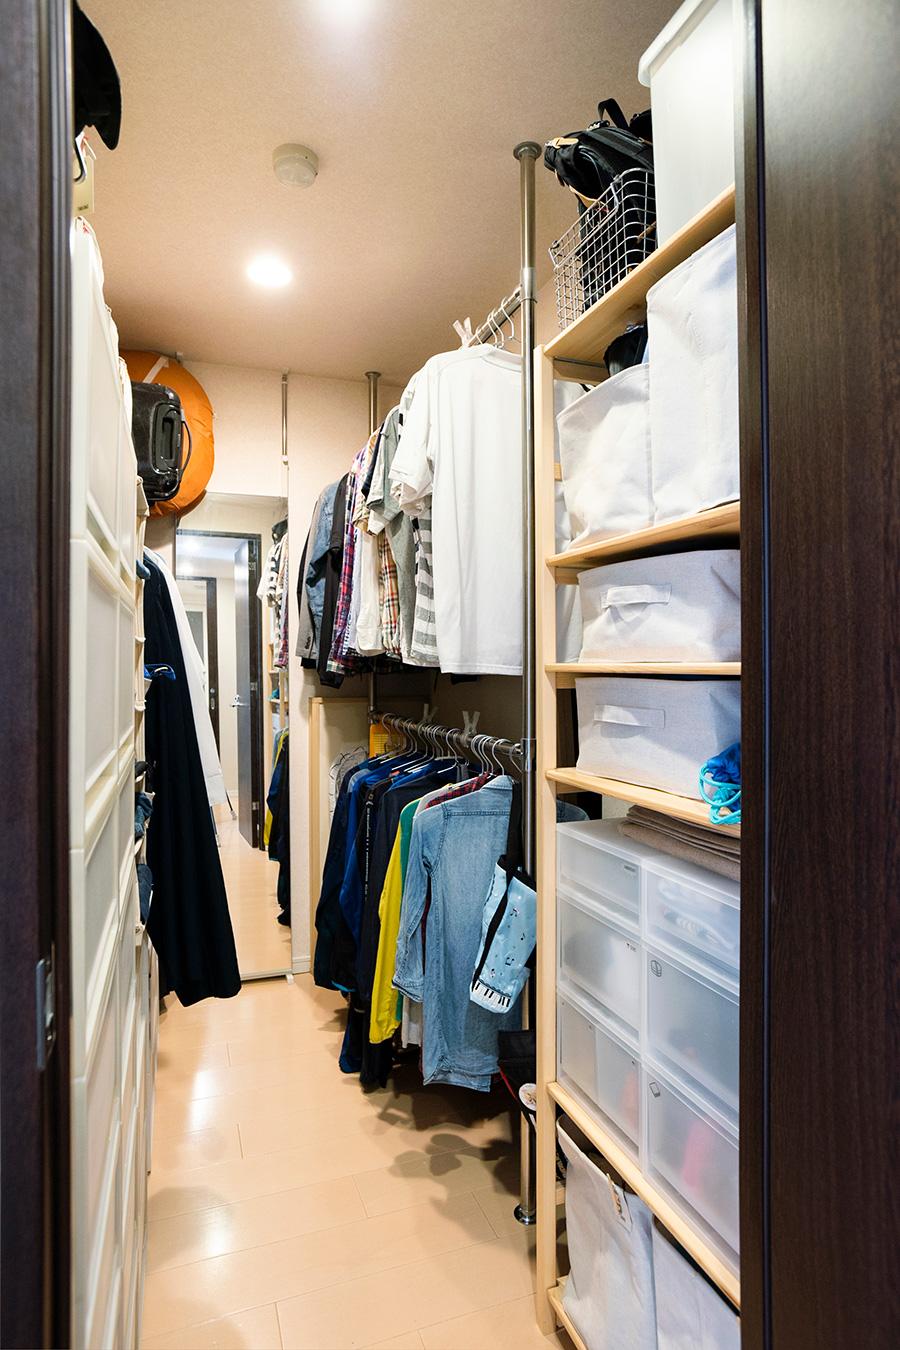 入居時には棚板とバーのみがあったWIC。収納棚やケースなどを組み合わせて収納力を確保した。